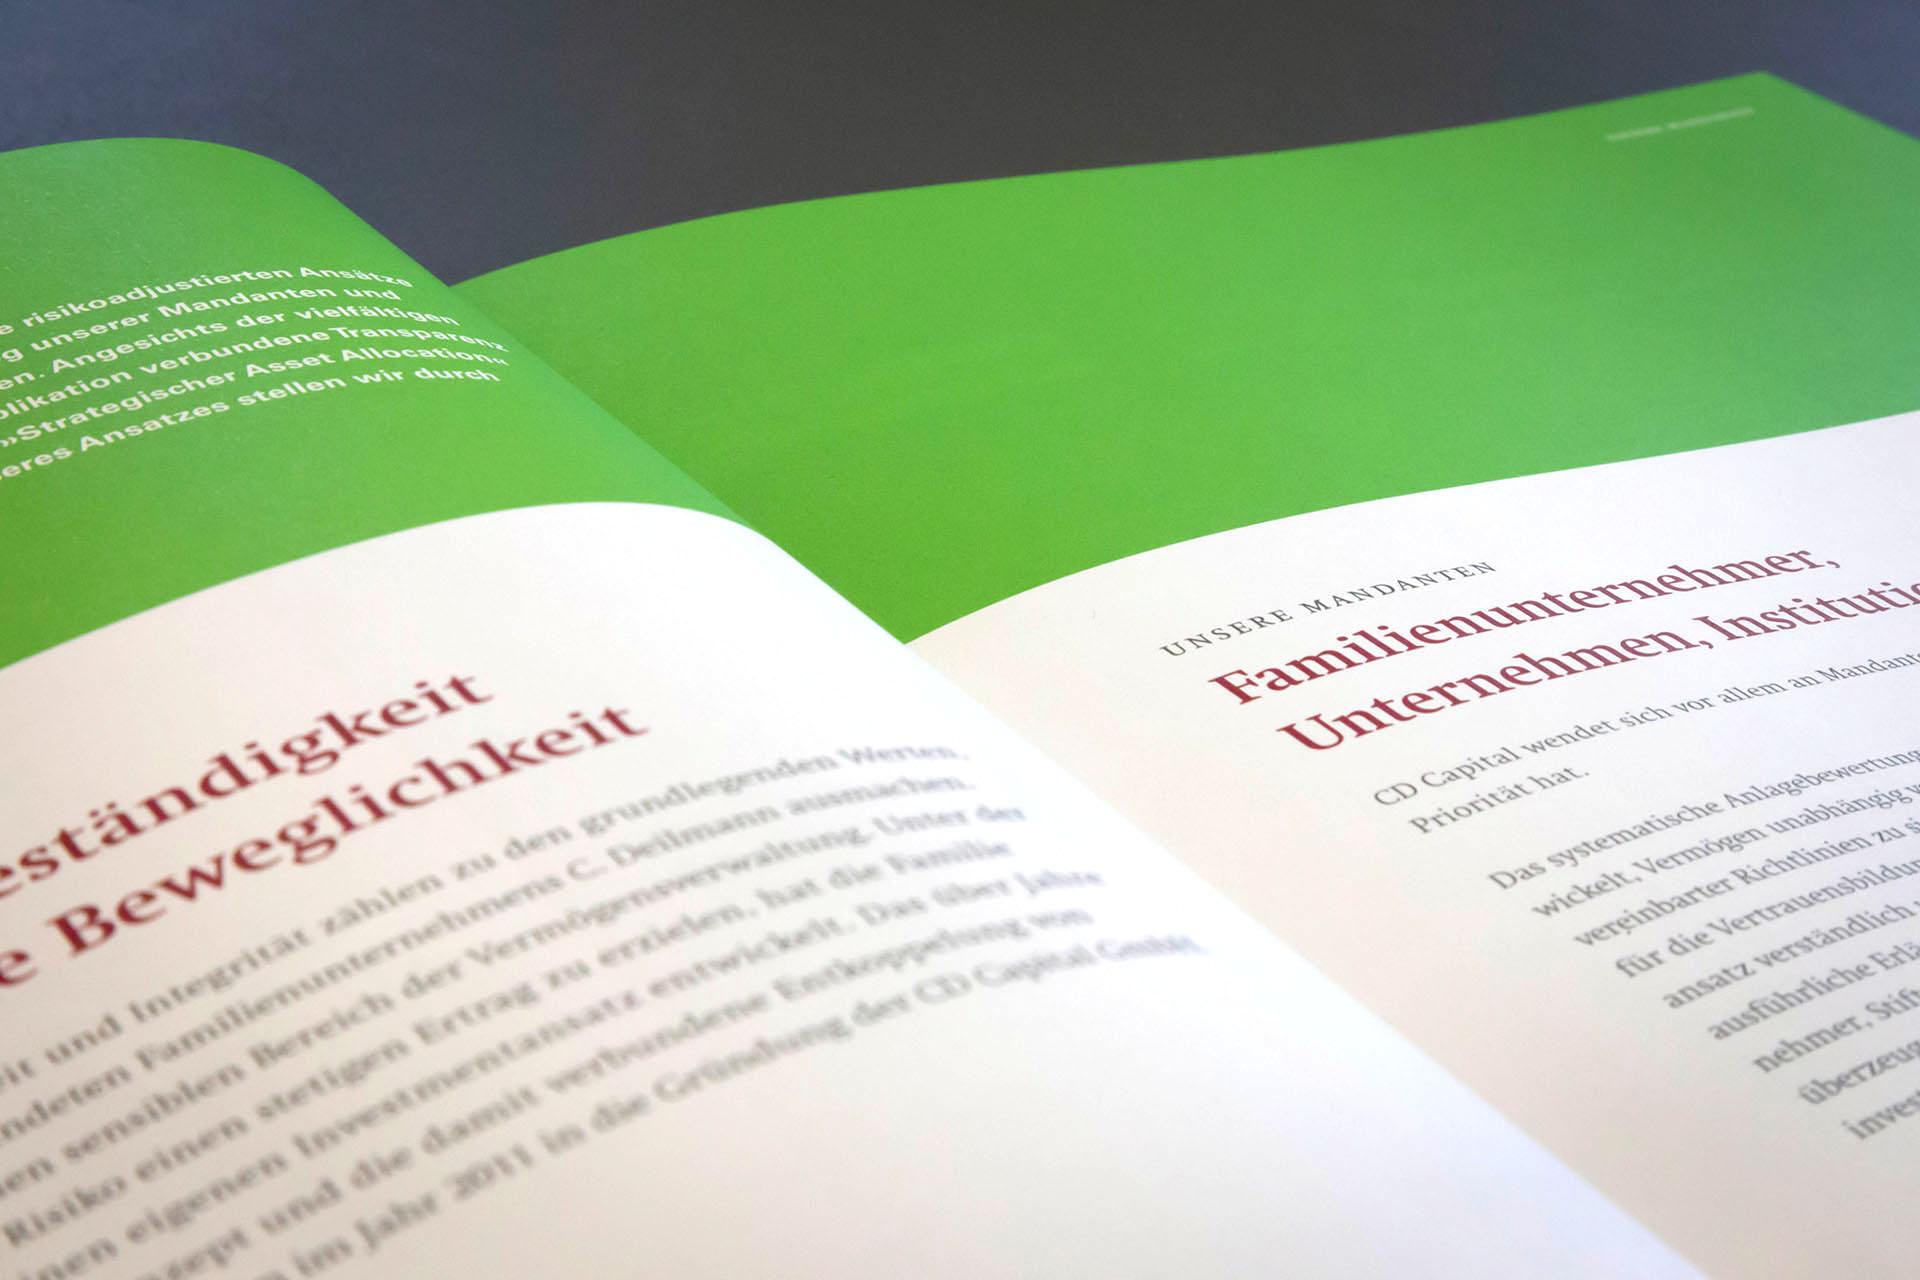 cd capital investment compendium 05 - Diskreter Auftritt mit auffallend schöner Broschüre – Corporate Design, Grafikdesign, Kommunikationsdesign, Branding, Markenentwicklung, Editorial Design